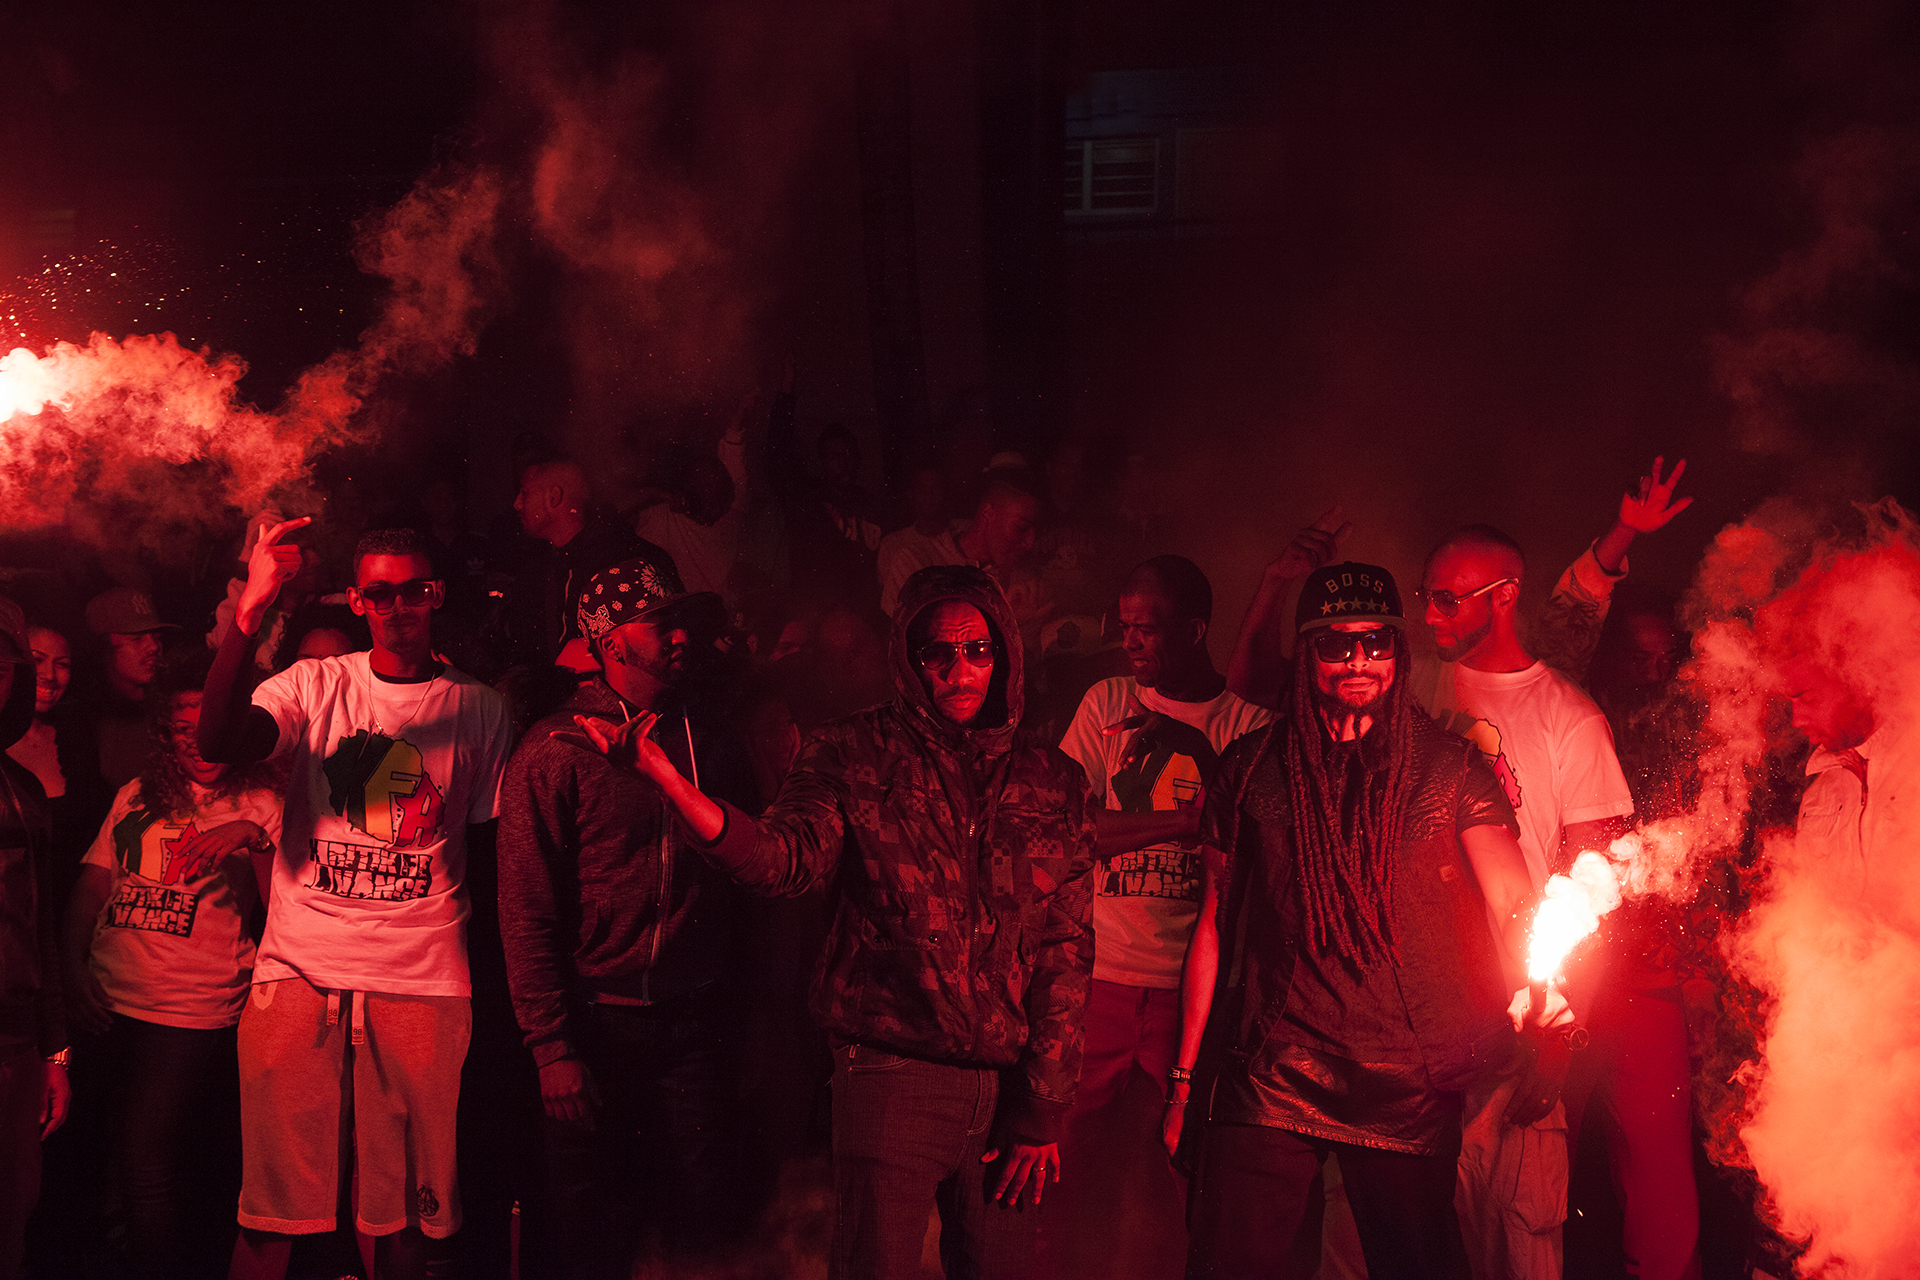 Tournage du clip par l'association KFA « Kritik fé avancé » au quartier du Chaudron. L'association a été créée par Willy, un jeune du Port très investi dans la vie associative et culturelle de sa ville.